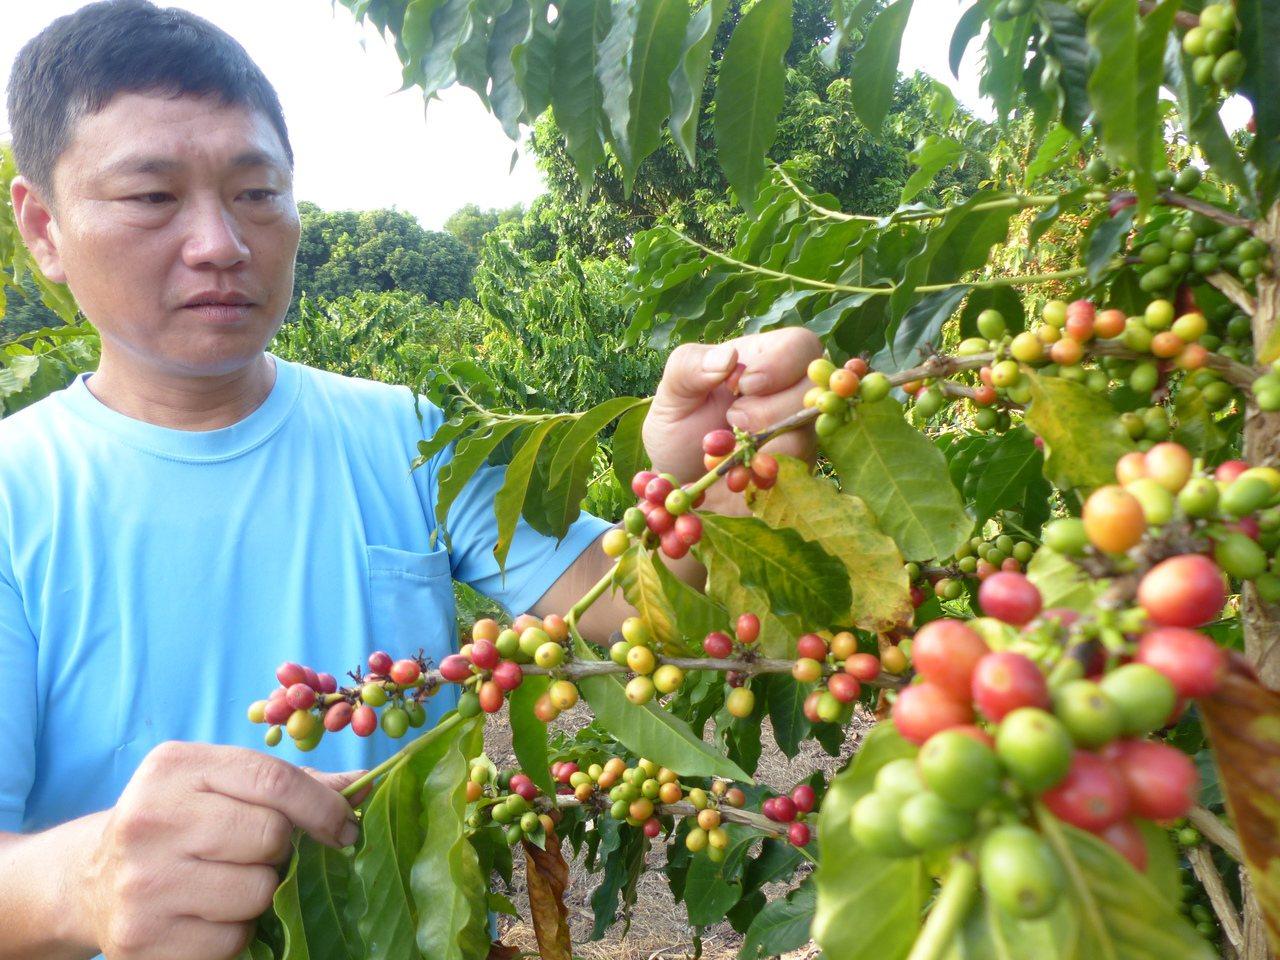 彰化八卦山咖啡種在荔枝、龍眼樹下,目前正值盛產,農民忙著採收。記者劉明岩/攝影